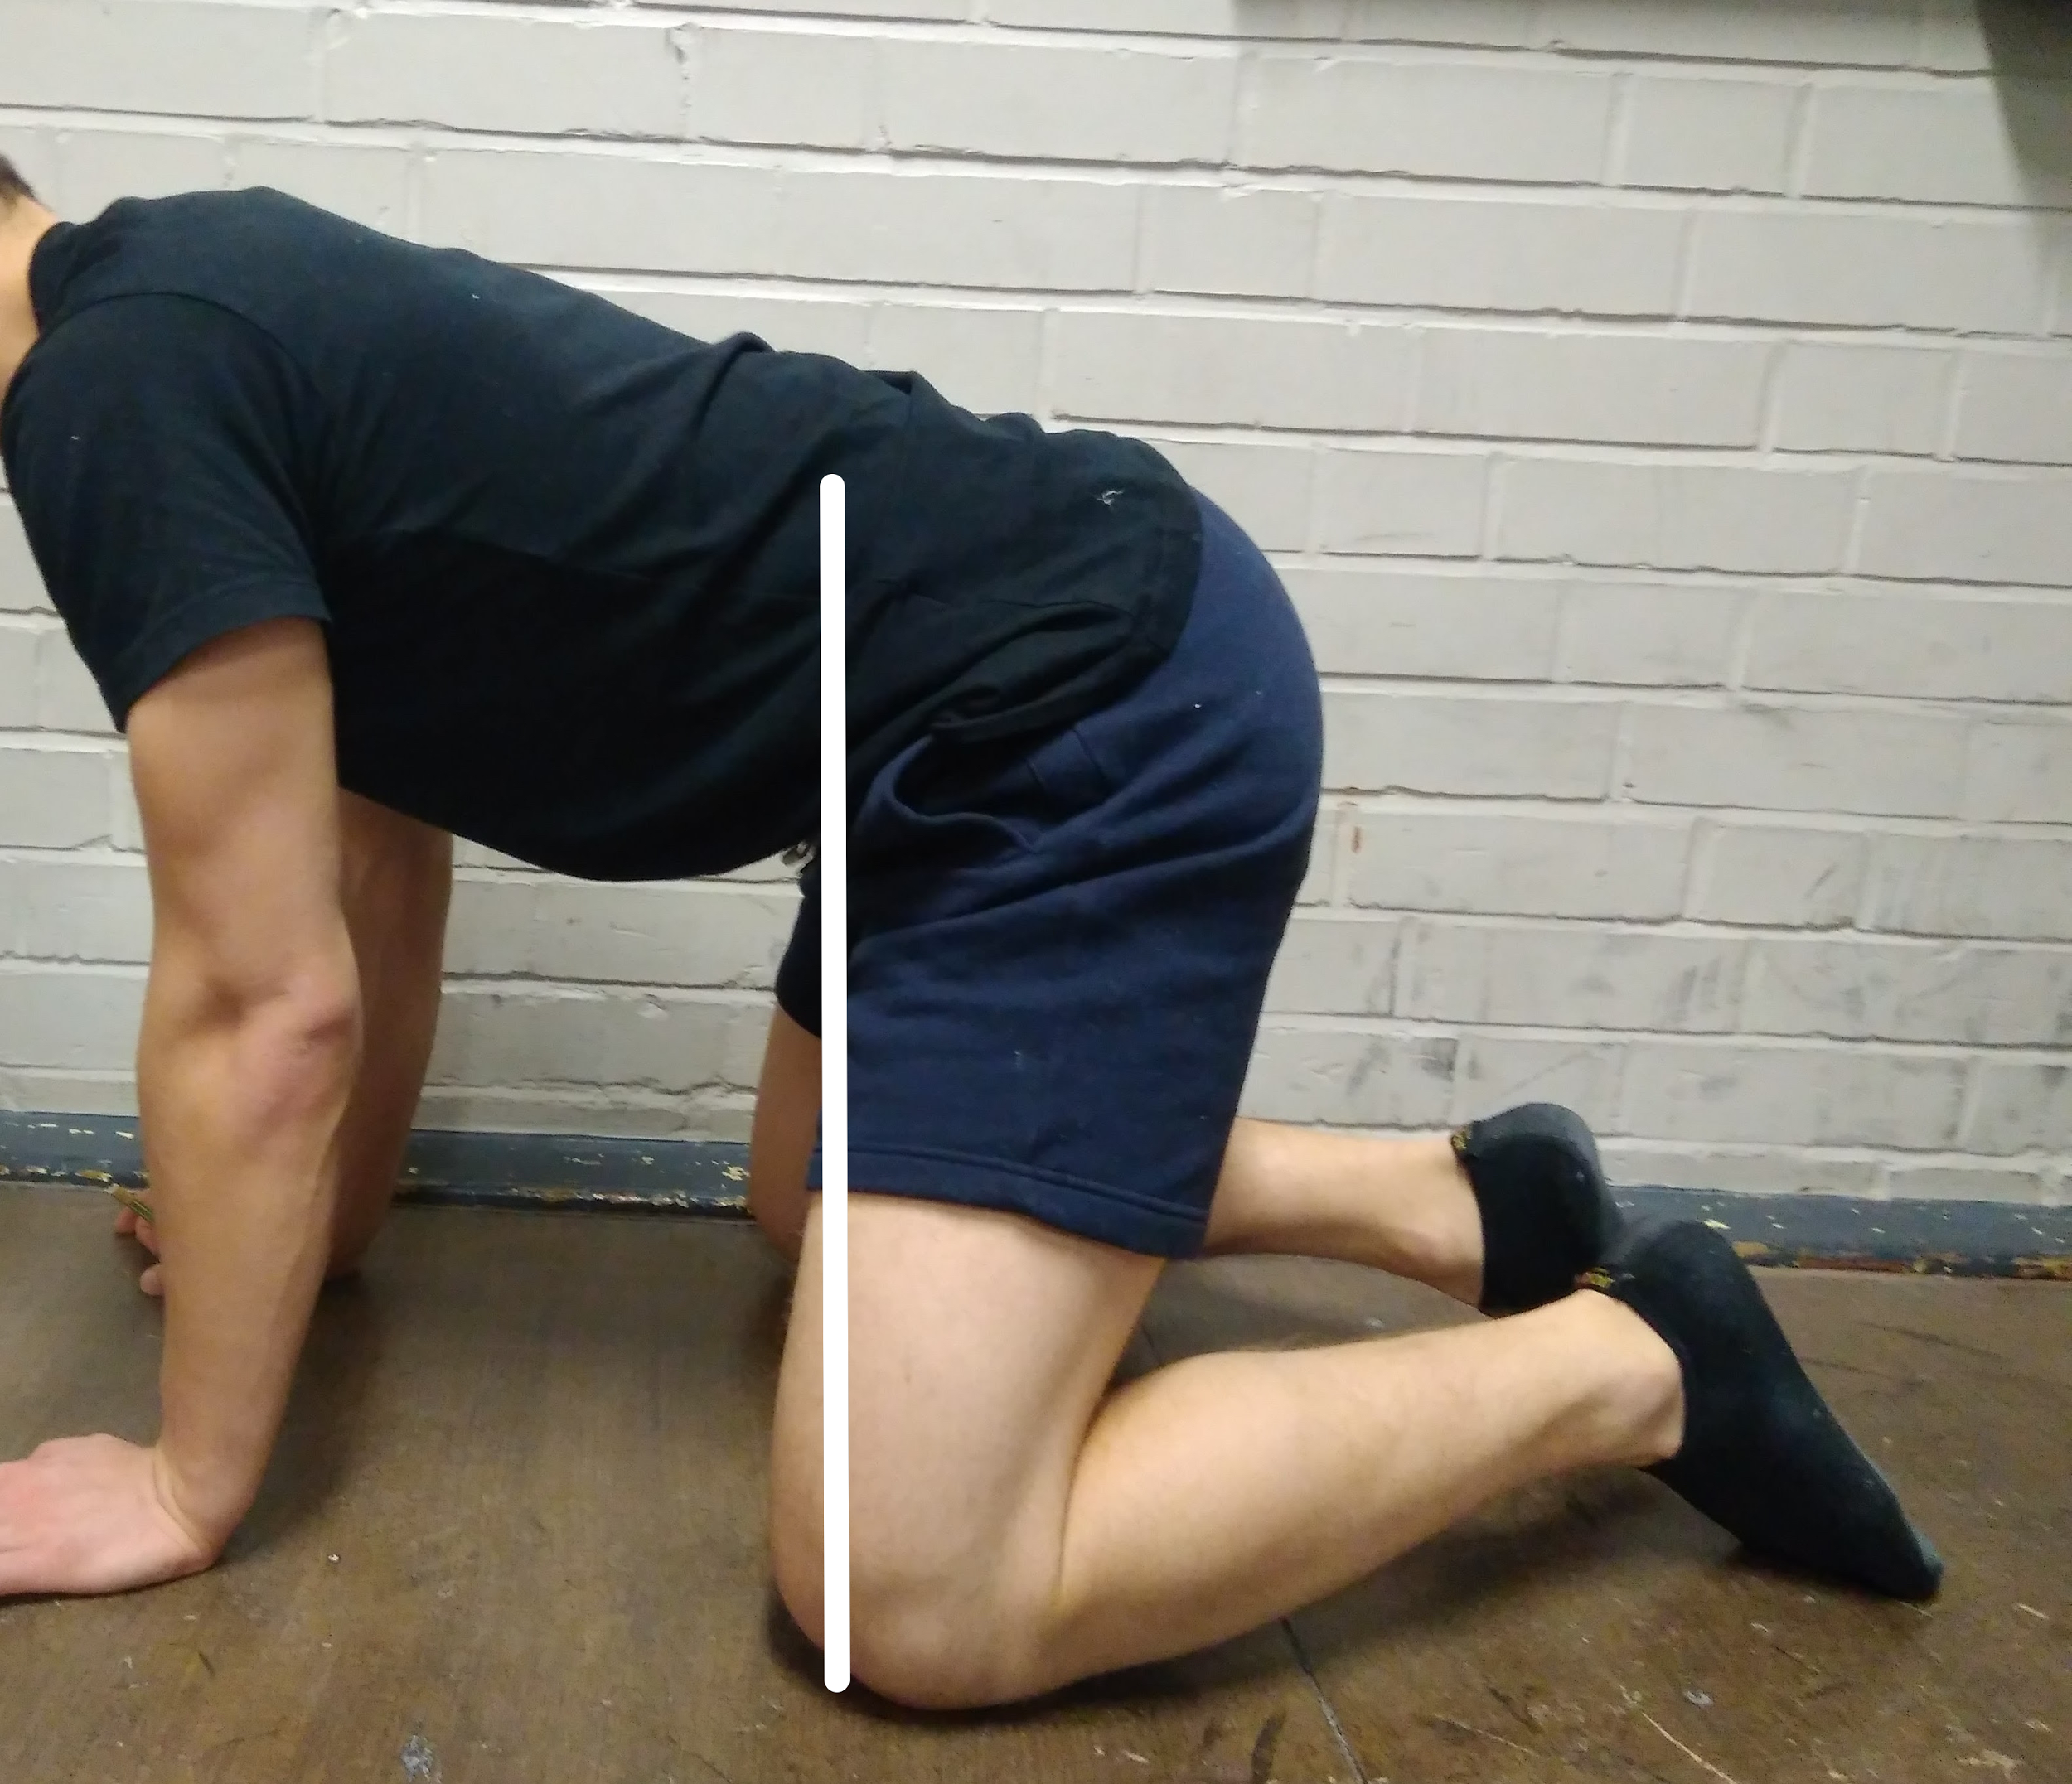 word image 59 - Butt-Wink beheben: So hälst du deinen Rücken gerade bei Kniebeugen